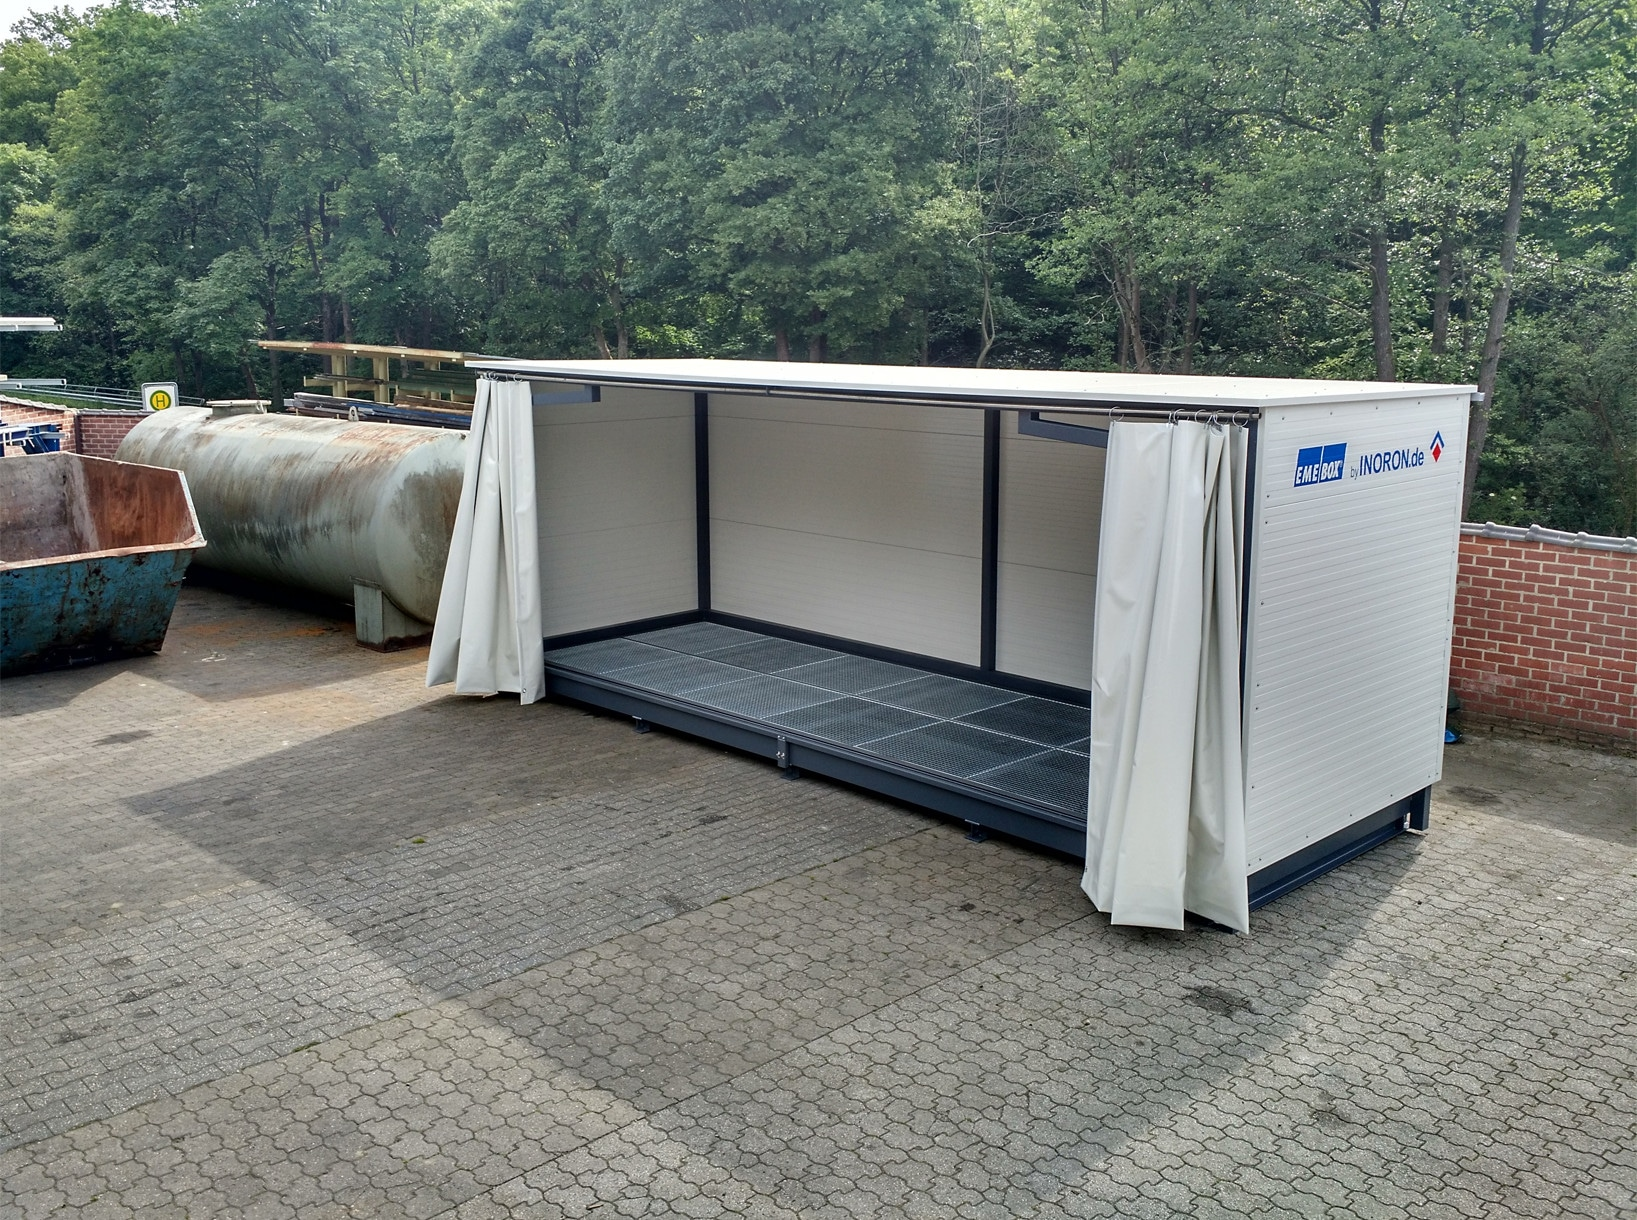 Gefahrenstofflager mit Auffangwanne festem Dach und Vorhang